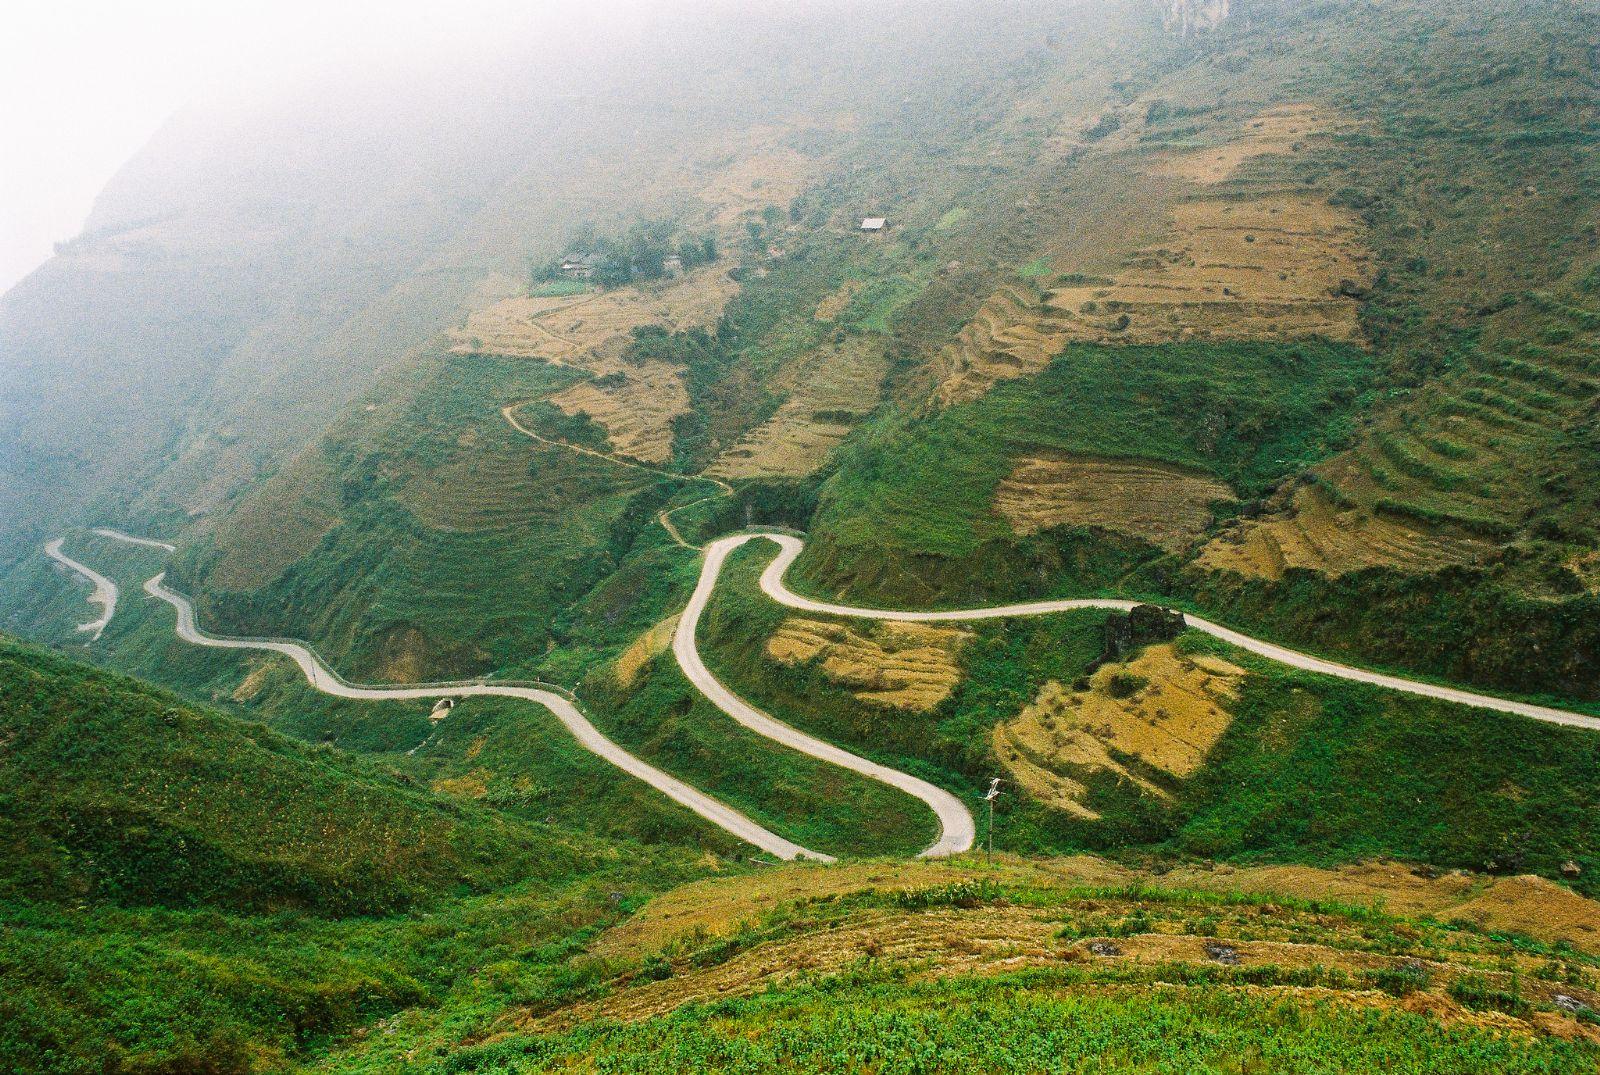 Đèo Mã Pì Lèng - Con đèo hiểm trở bậc nhất miền núi phía Bắc